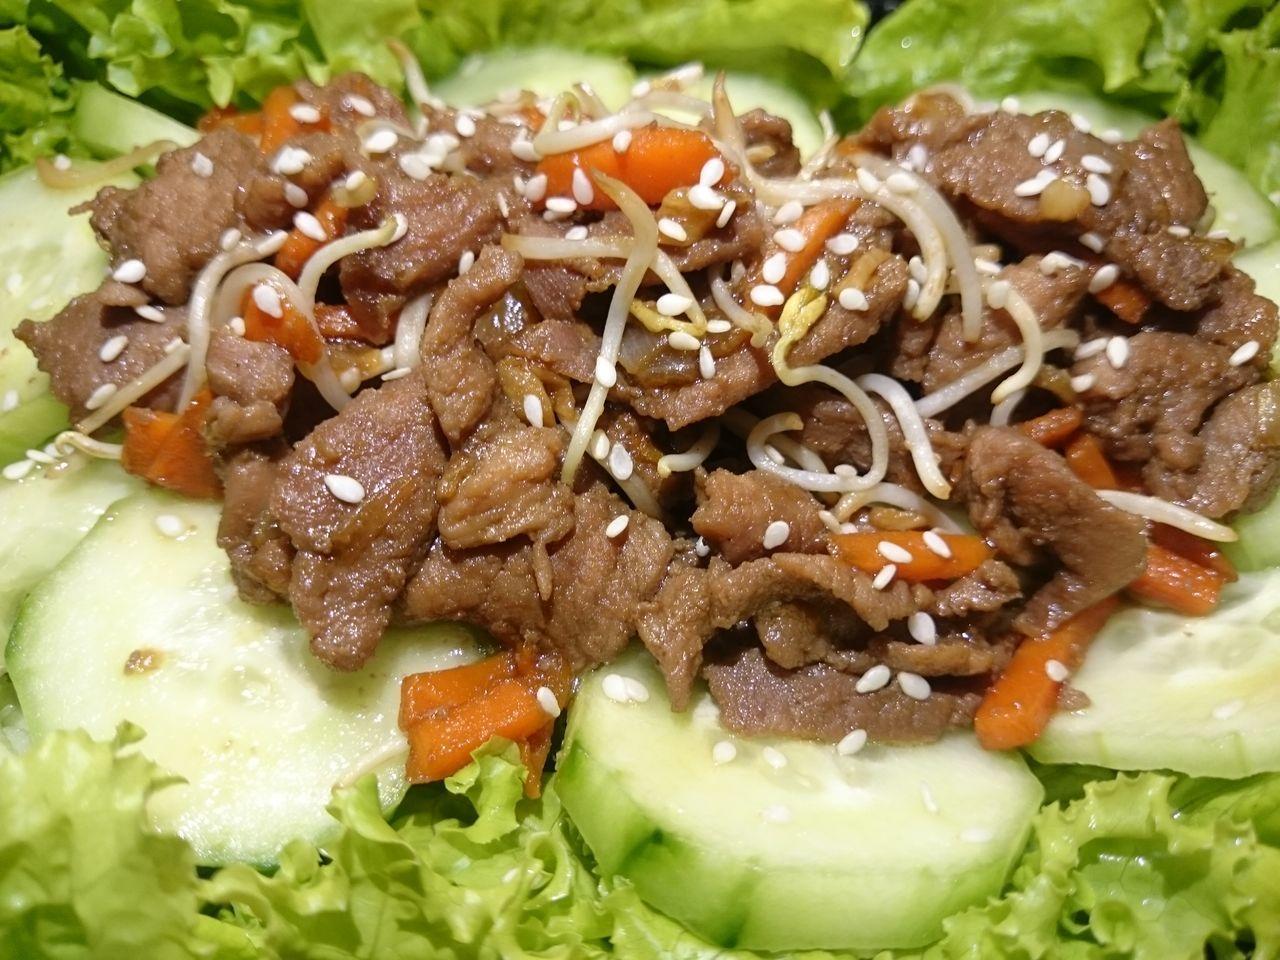 Pork Stir Fried Teriyaki Food Food And Drink Freshness Close-up No People Homemade Vegetables Foodgasm Foodporn Foodie Foodporn Salad Mobilephotography Sony Xperia Z1c Food And Drink Freshness